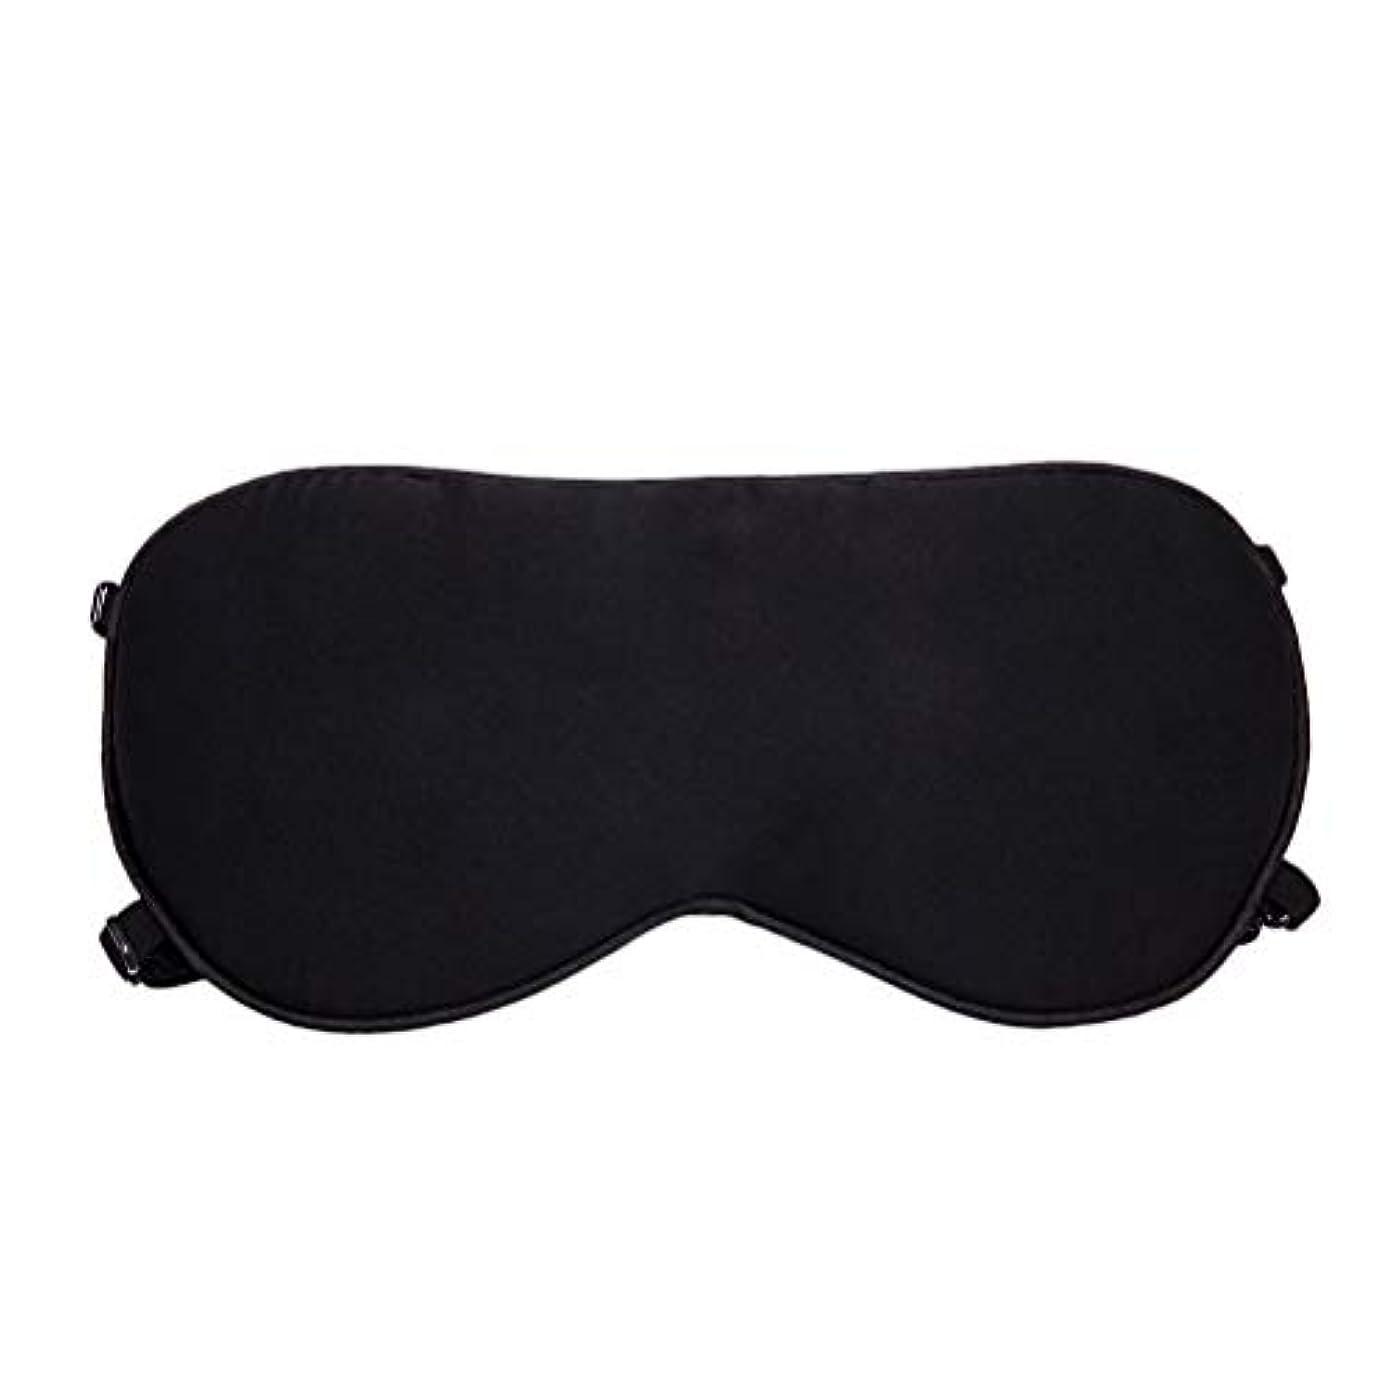 従来の魅力自分を引き上げるHealifty 調節可能なストラップ付きスリープアイマスク通気性目隠しシェーディングアイパッチ(ブラック)